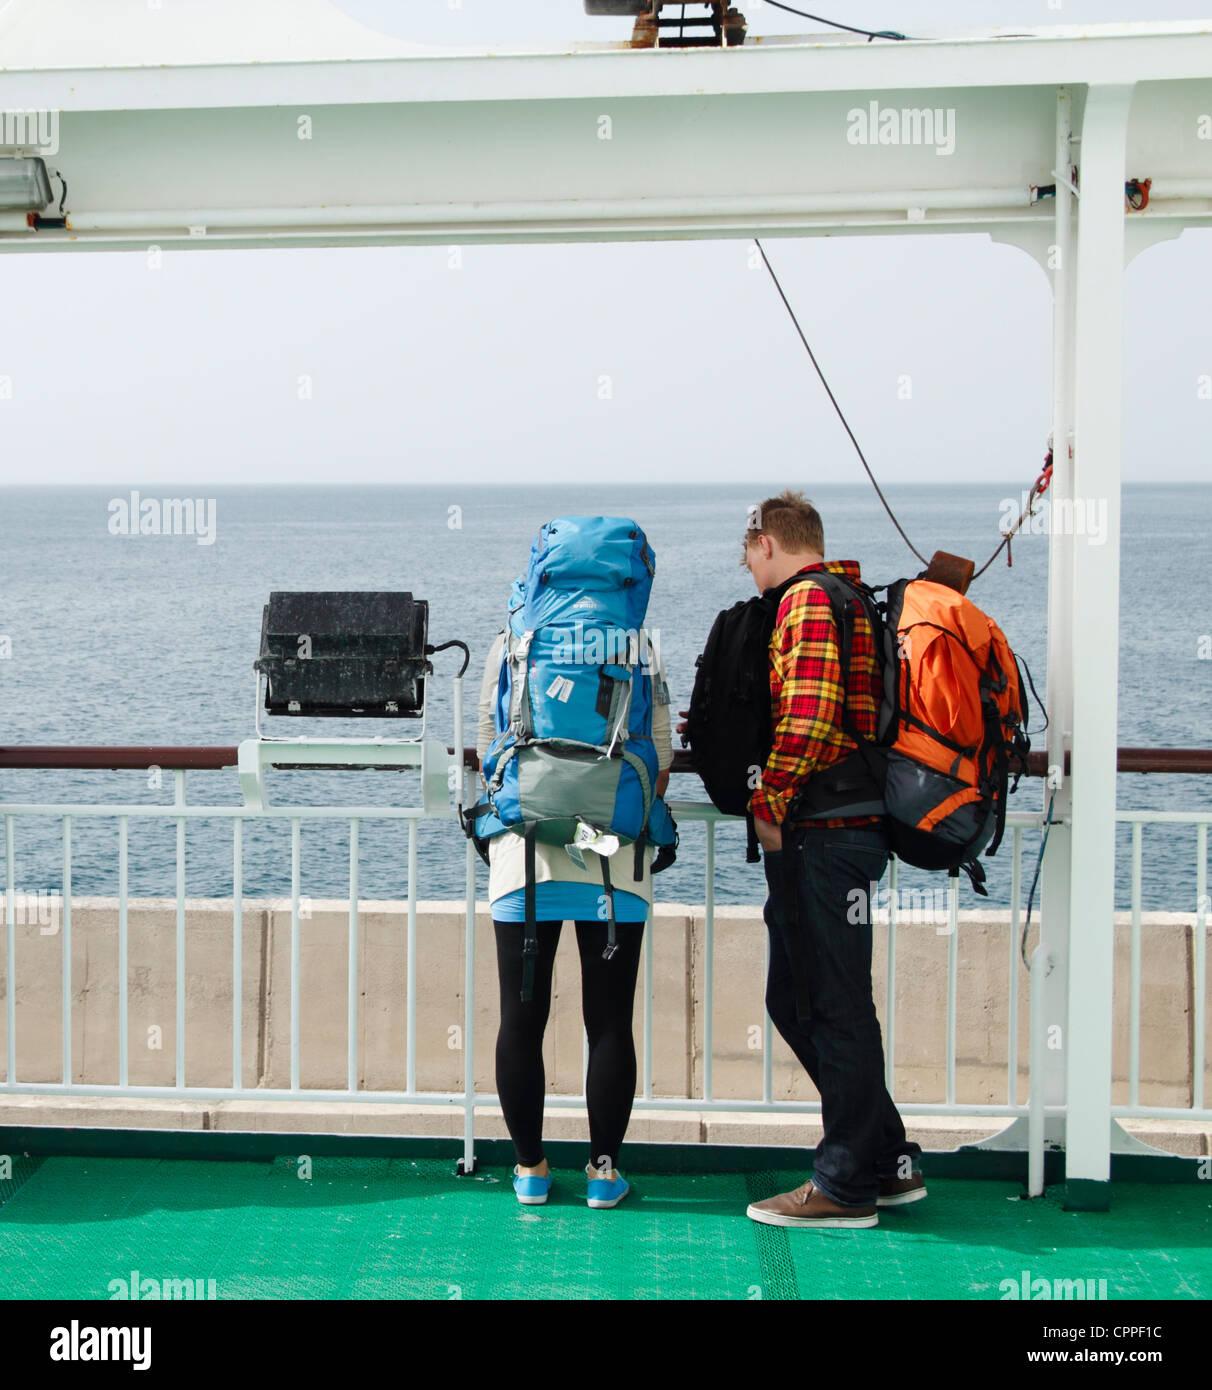 Junge Rucksacktouristen auf inter-Island Ferry auf den Kanarischen Inseln, Spanien Stockbild